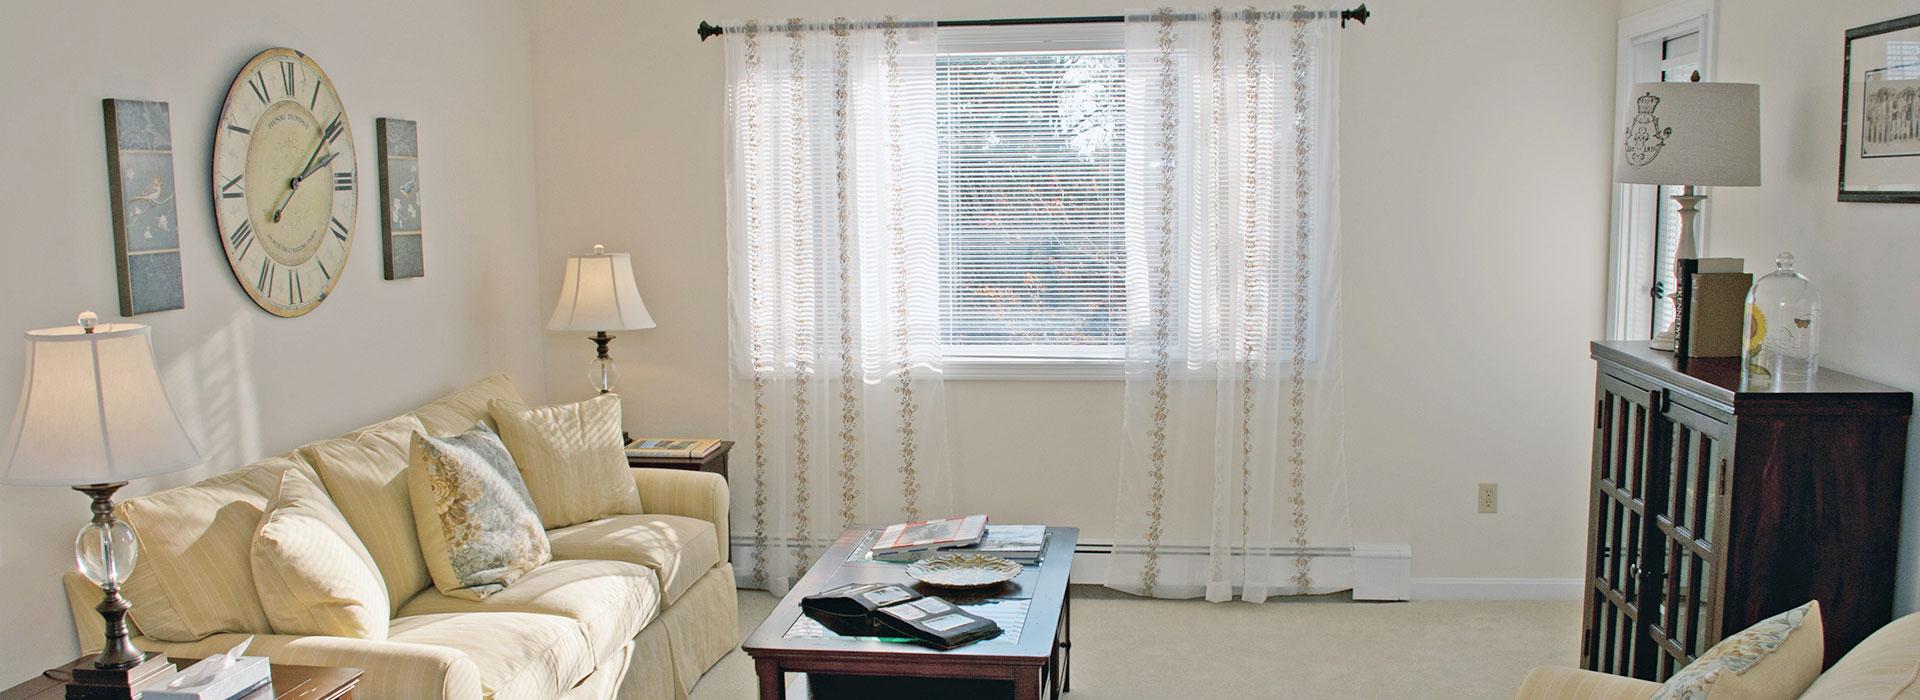 Thirwood Place senior residence